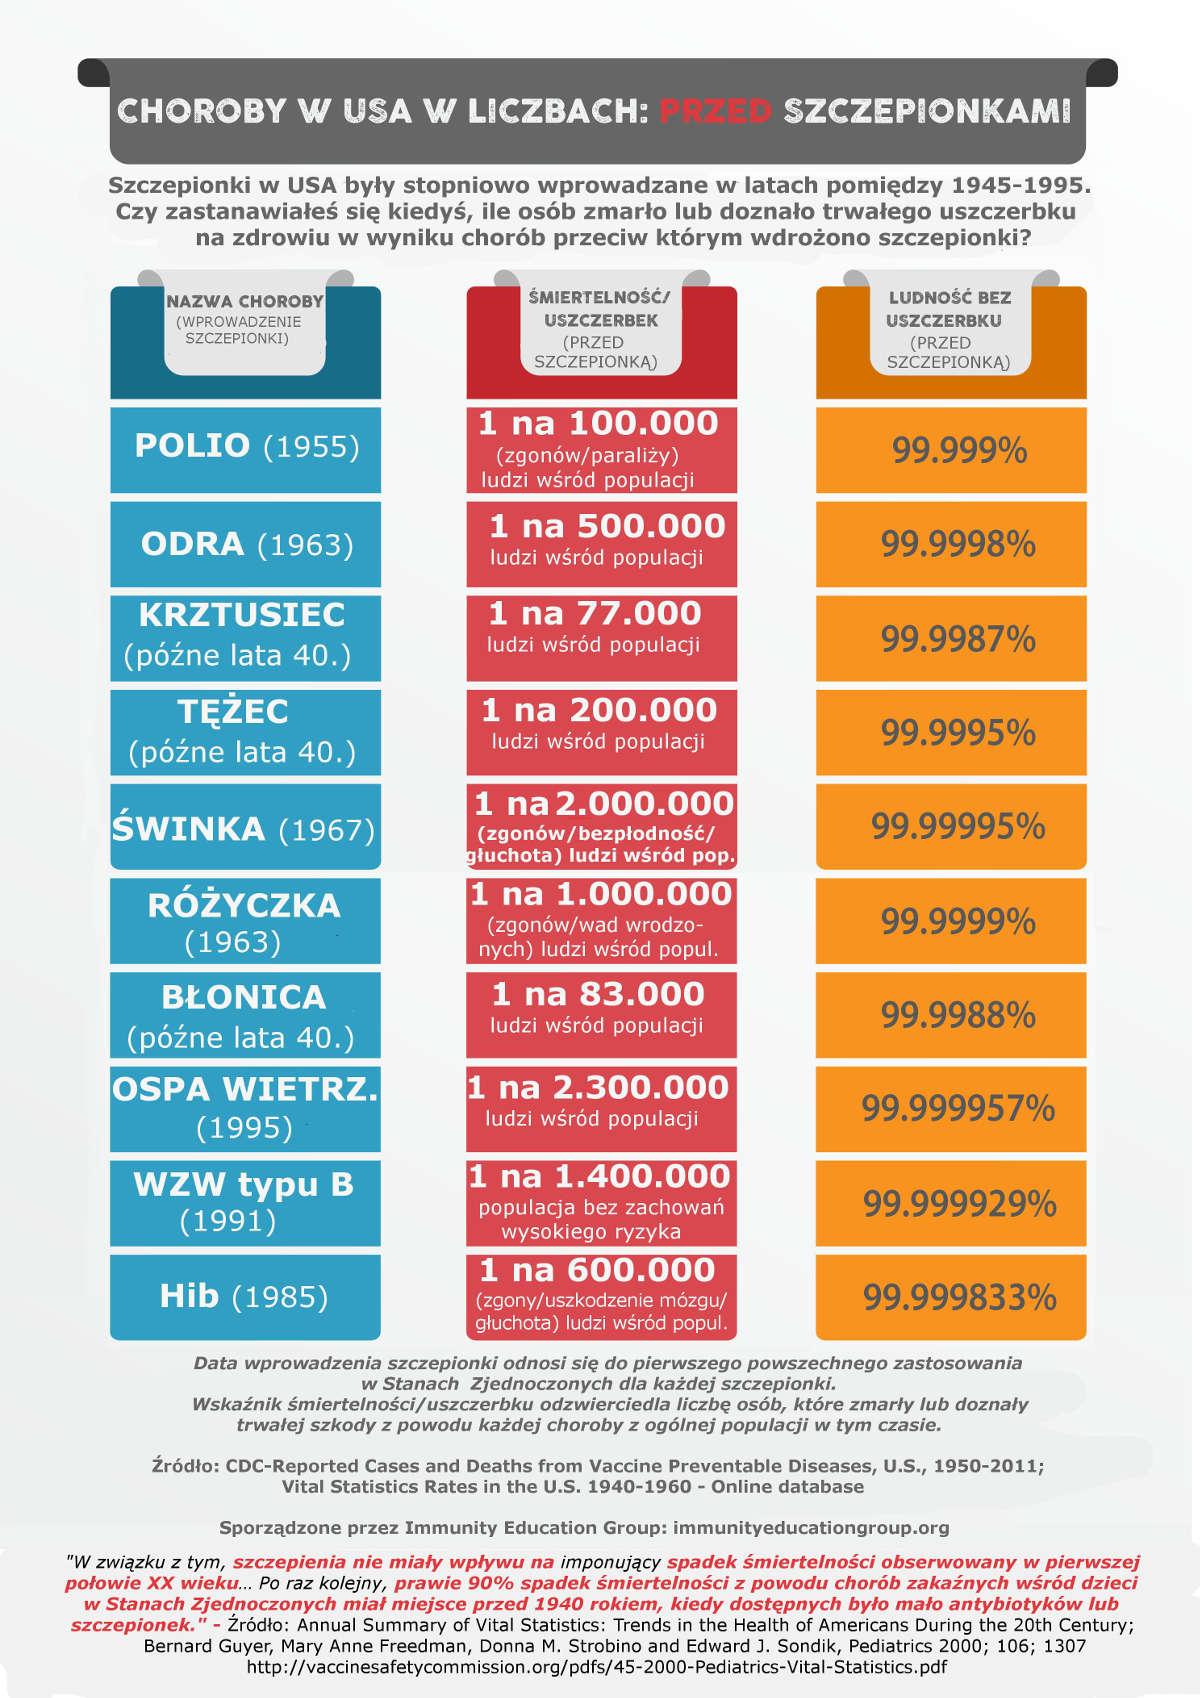 Zgony przed szczepionkami w USA